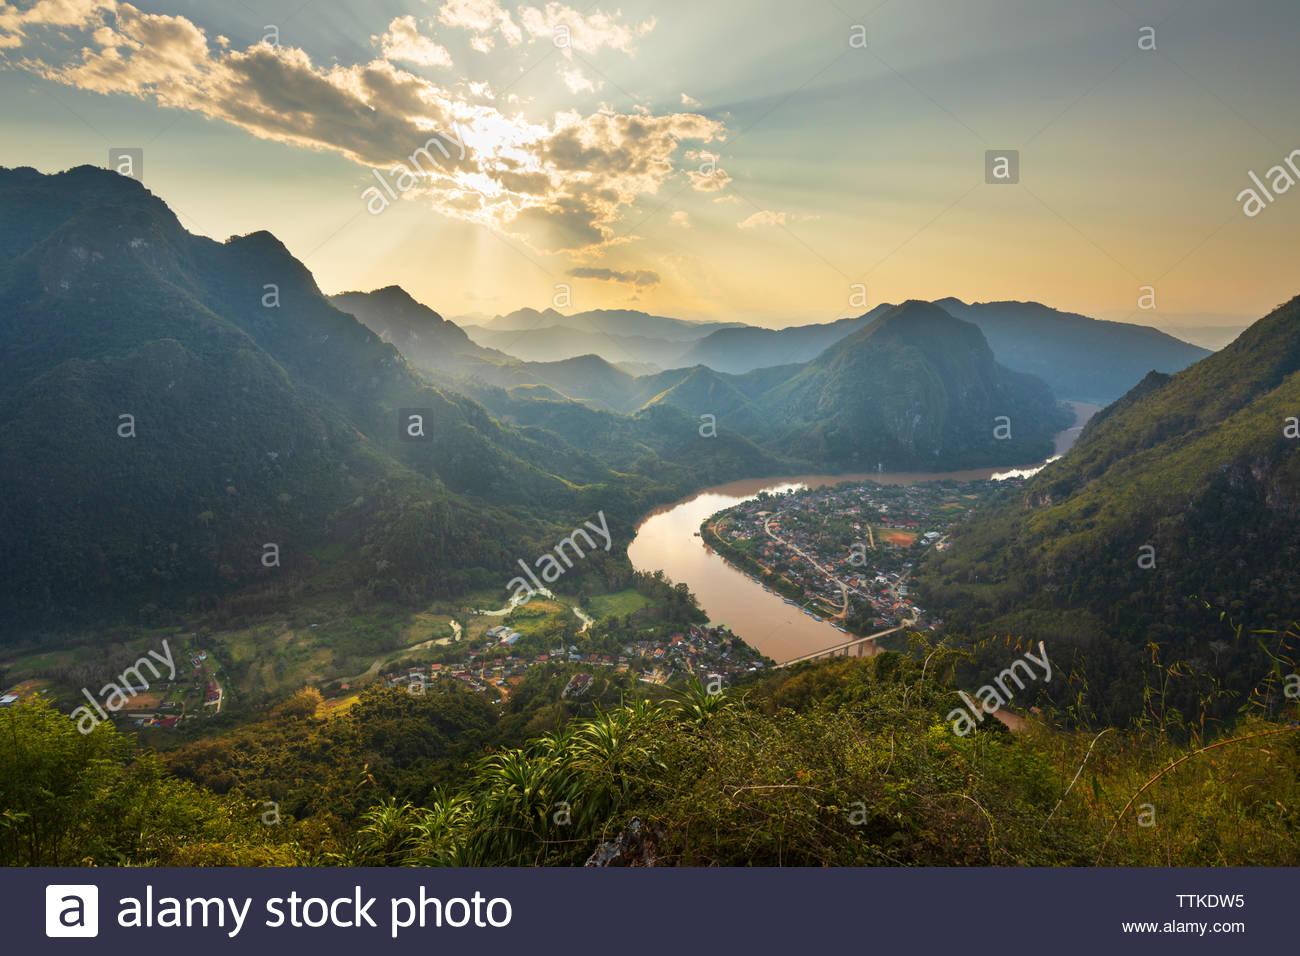 Sonnenuntergang über der Stadt Nong Khiaw und Nam Ou Fluss von der Pha Daeng Peak Viewpoint, Nong Khiaw, Muang Ngoi Bezirk, Provinz Luang Prabang, Northe Stockbild